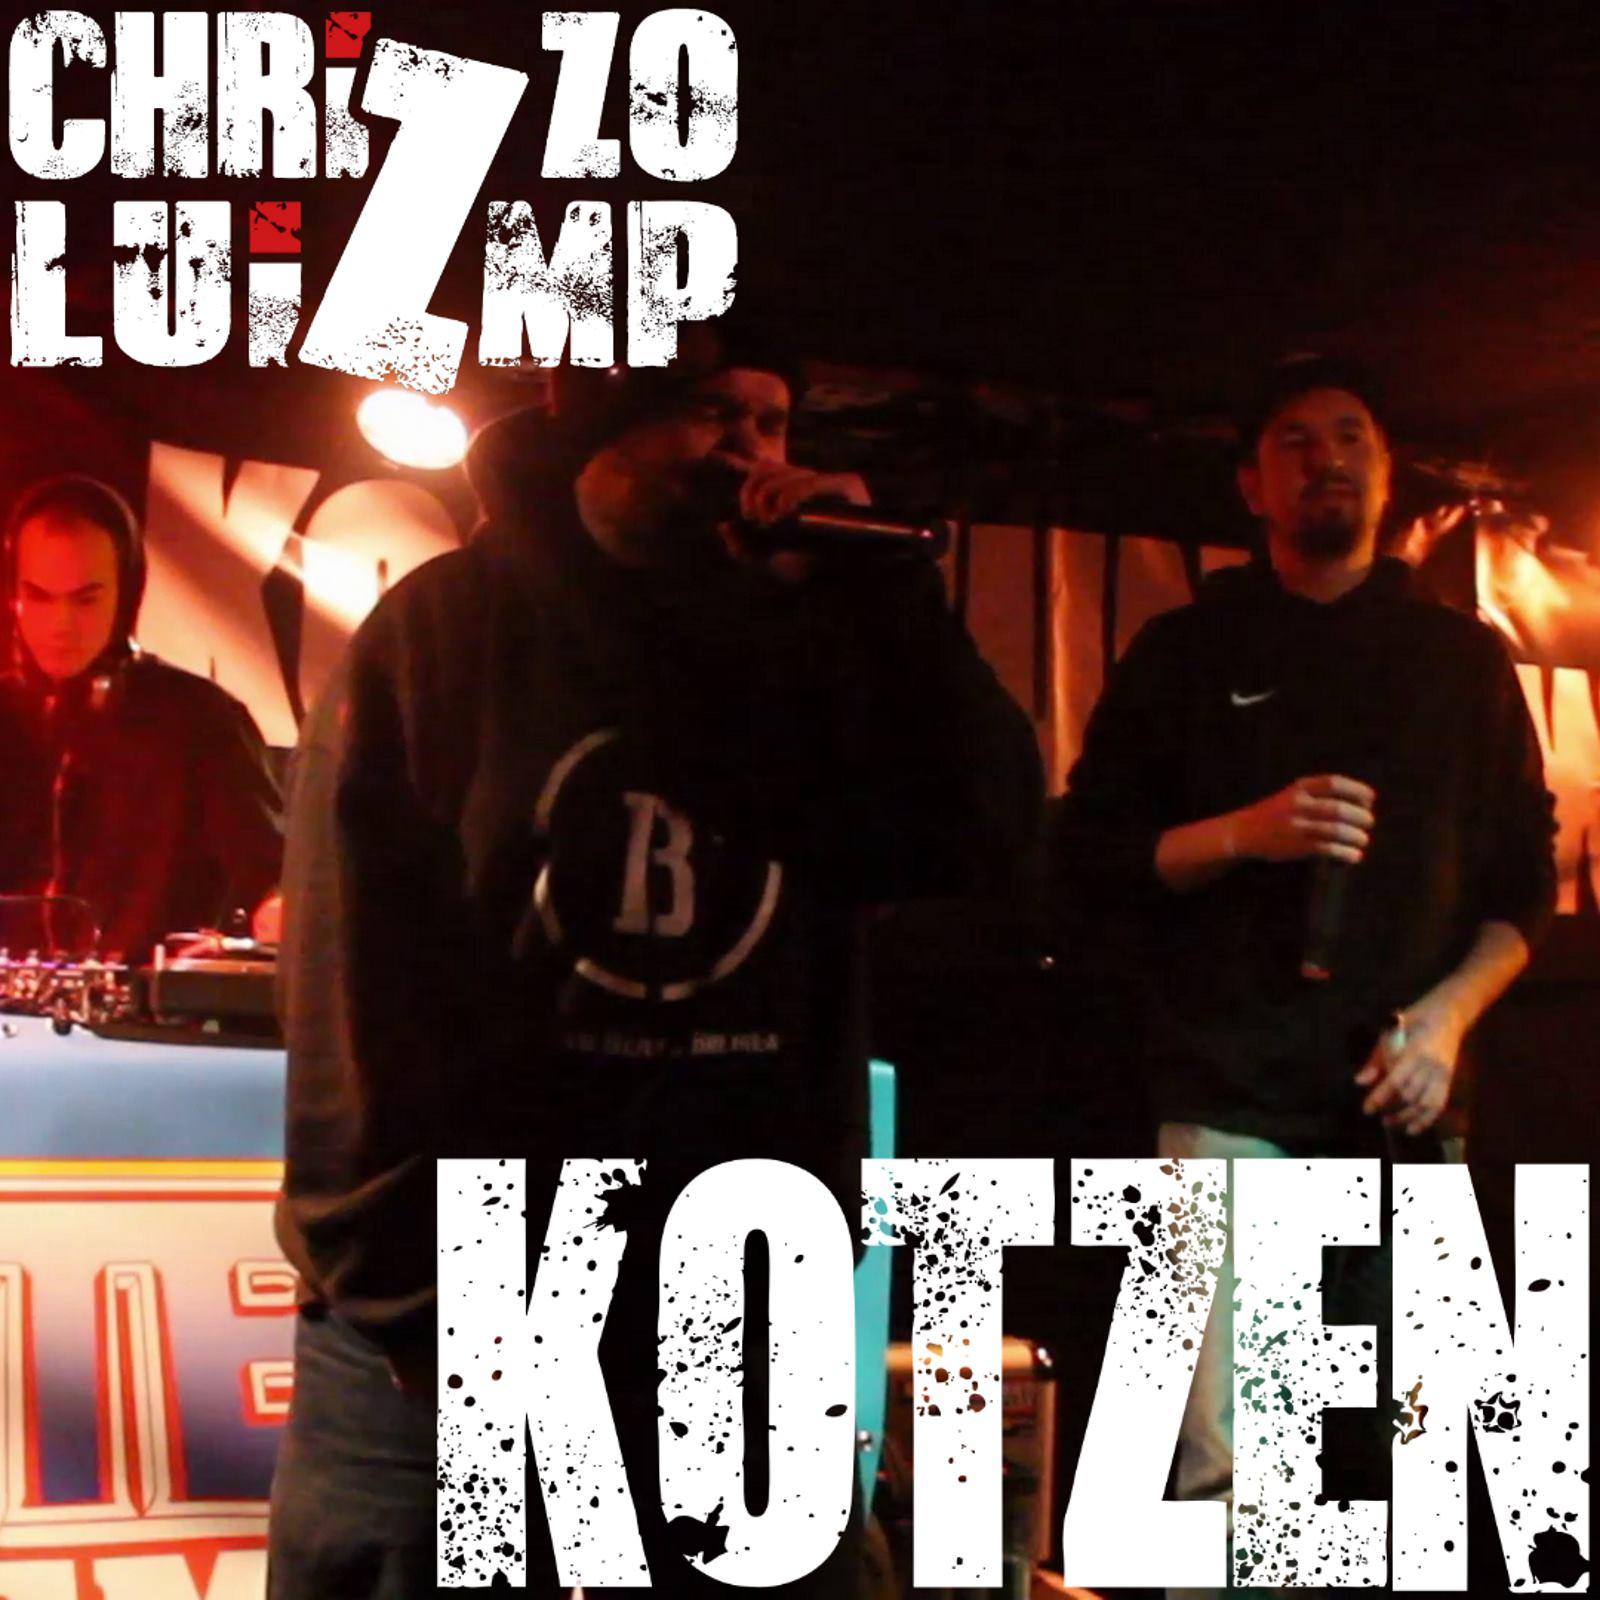 Upcoming: Chrizzo, Luiz MP - Kotzen